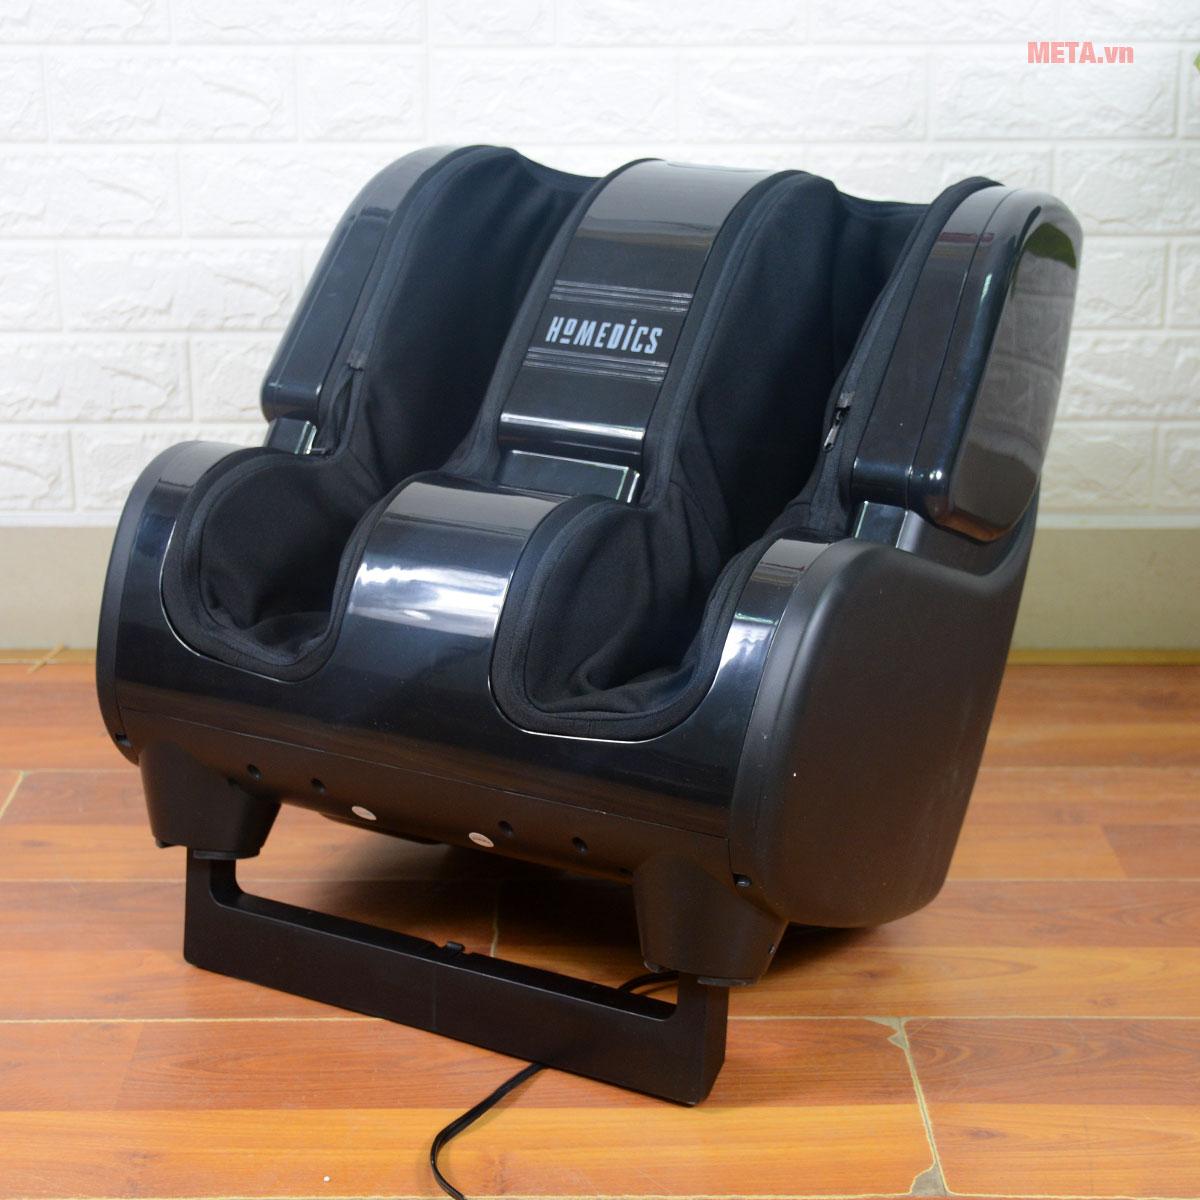 Máy massage chân HoMedics FMS-400J màu đen nguyên khối